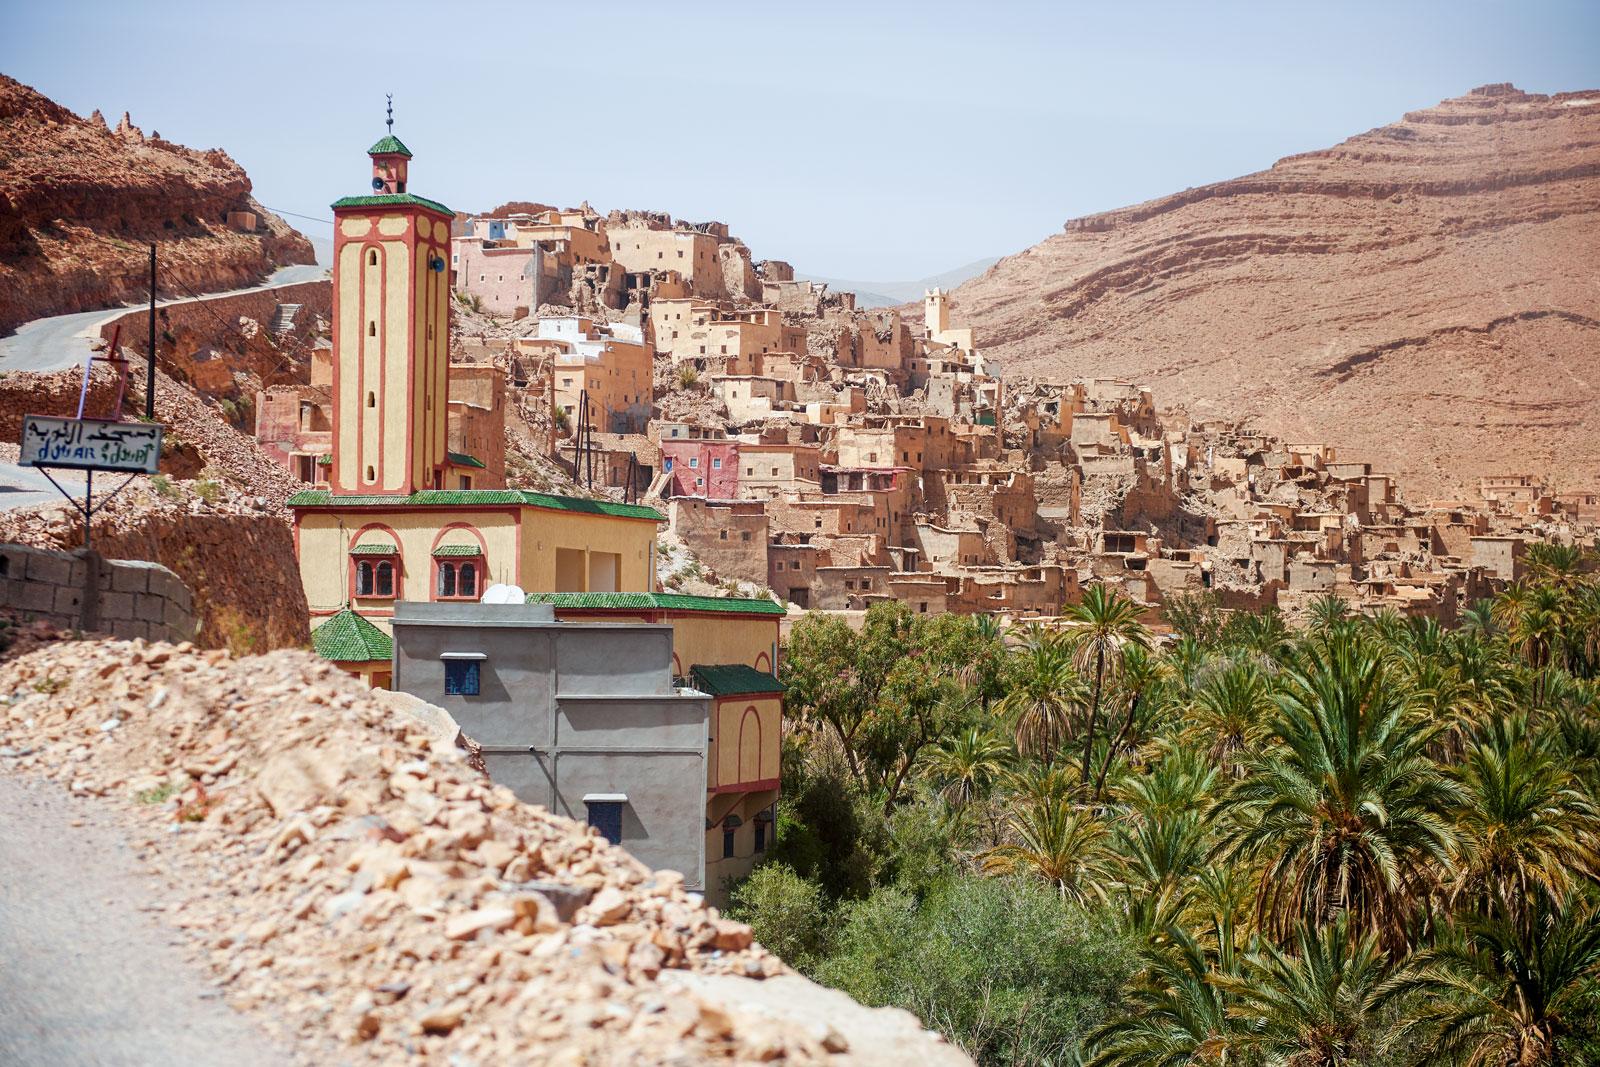 Bild einer Stadt in den Bergen des Antiatlas Gebirges in Marokko